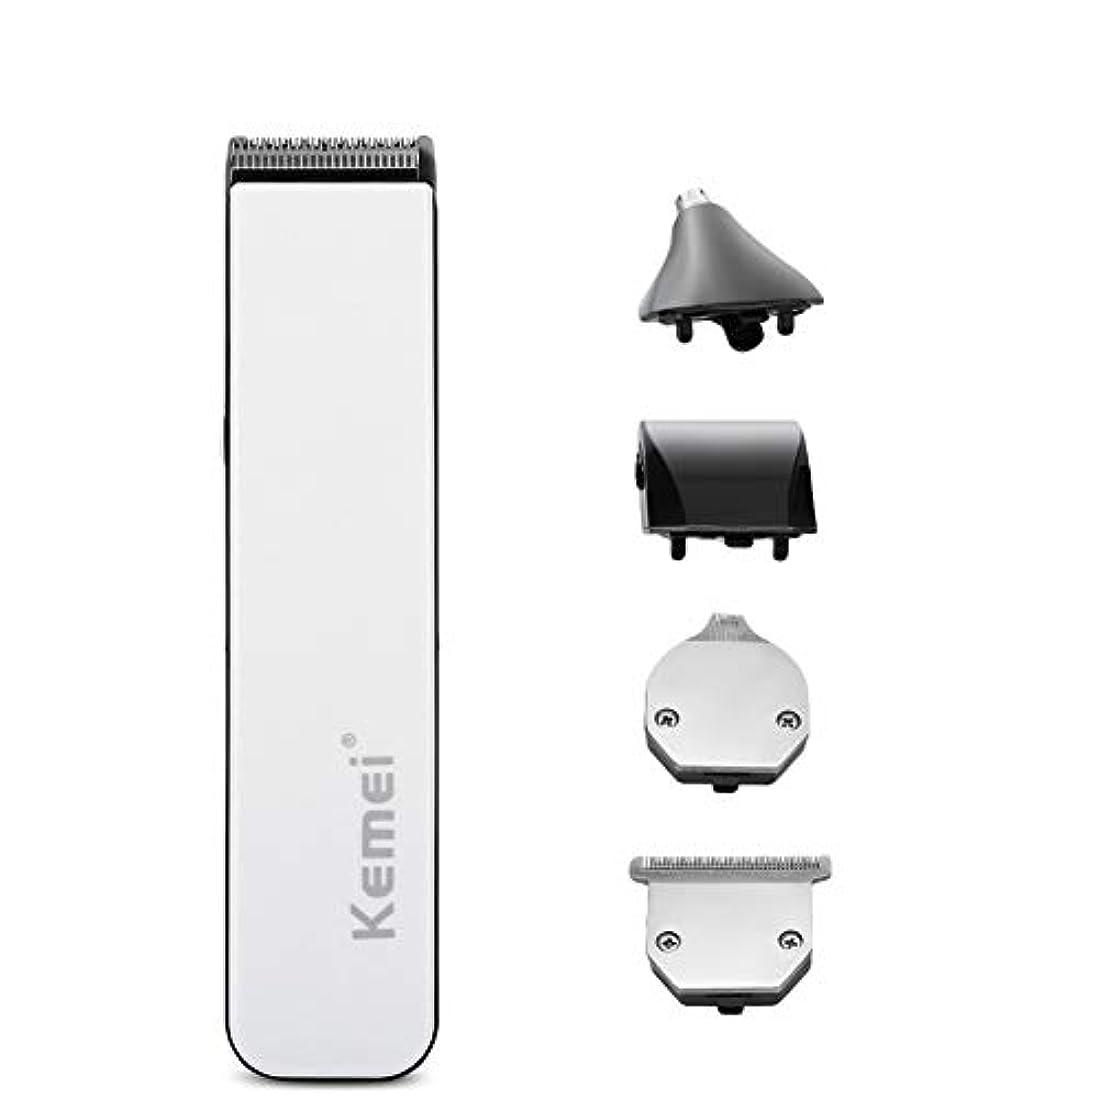 刺激する乳白比類のない4つの限界の櫛が付いている1つの電気毛のトリマーの充電電池の打抜き機に付き4つコードレス携帯用バリカン